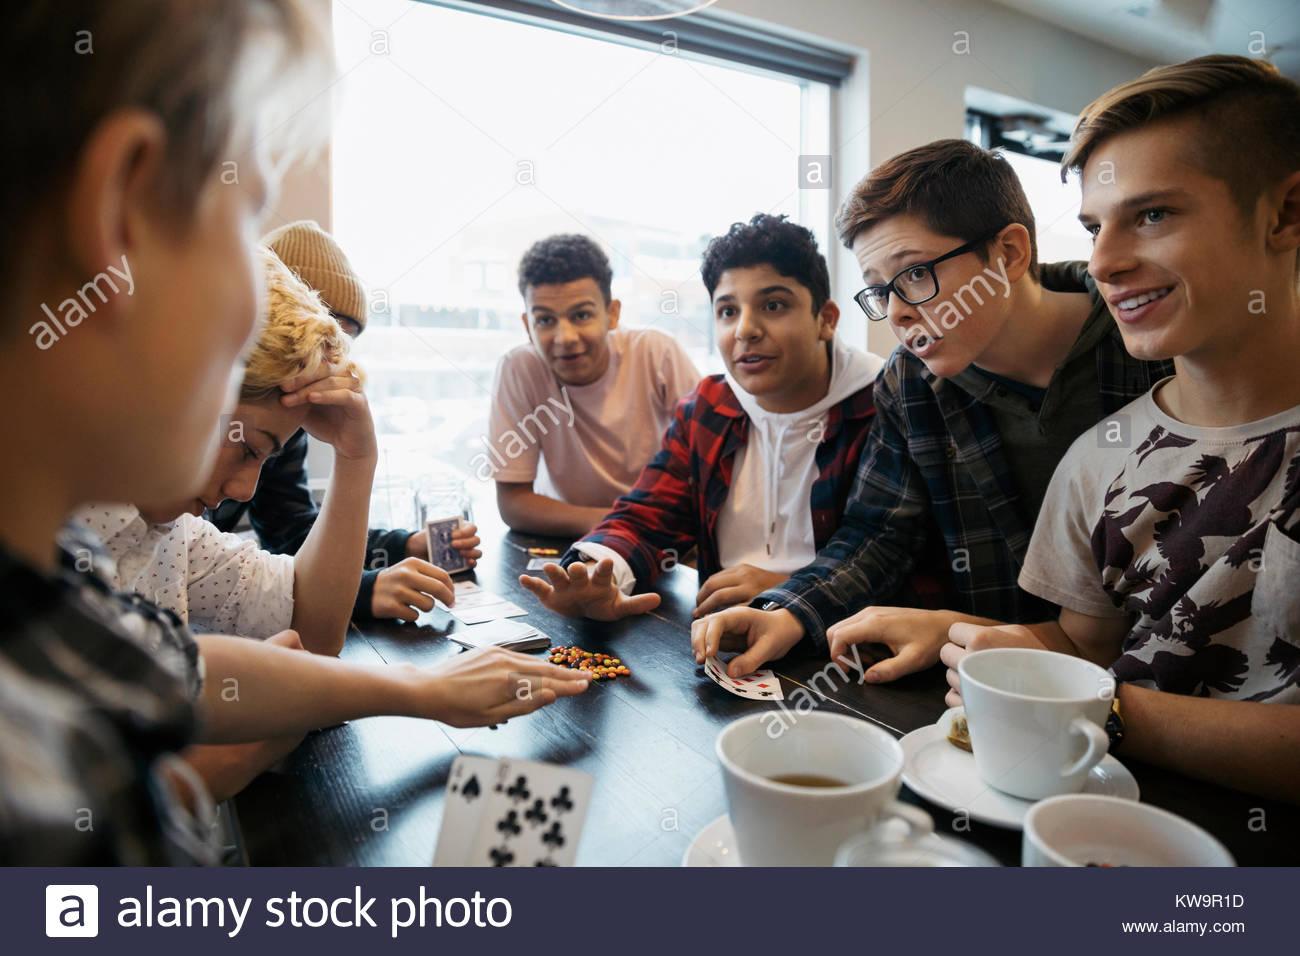 Tween boy amigos jugando a las cartas y bebiendo café en la tabla Imagen De Stock